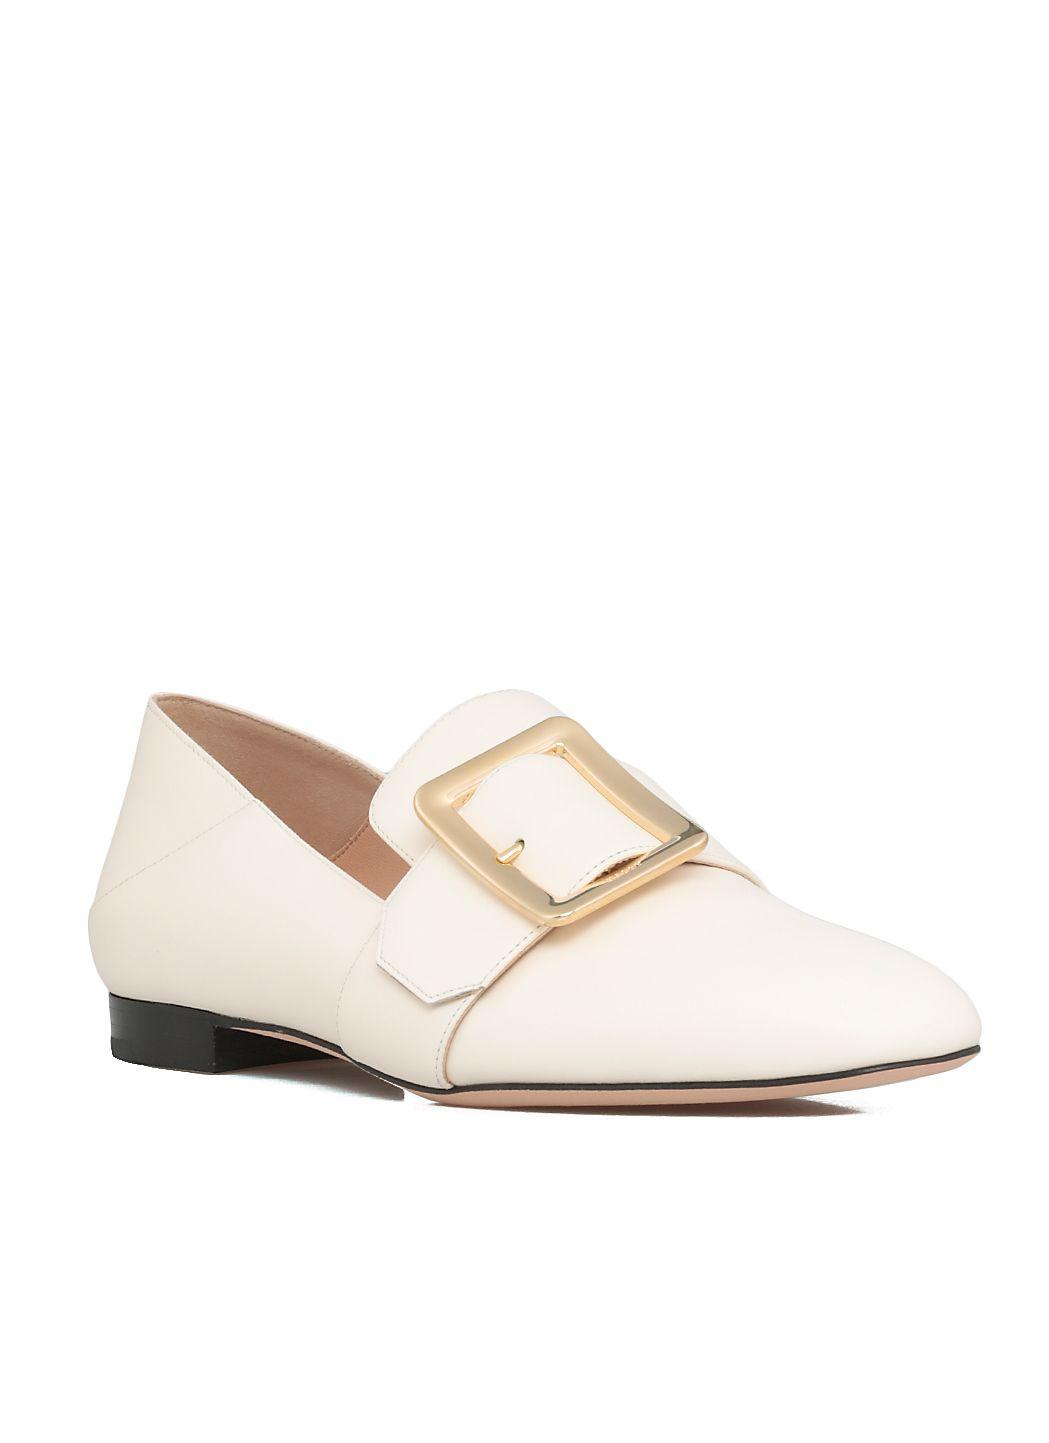 Janelle loafer